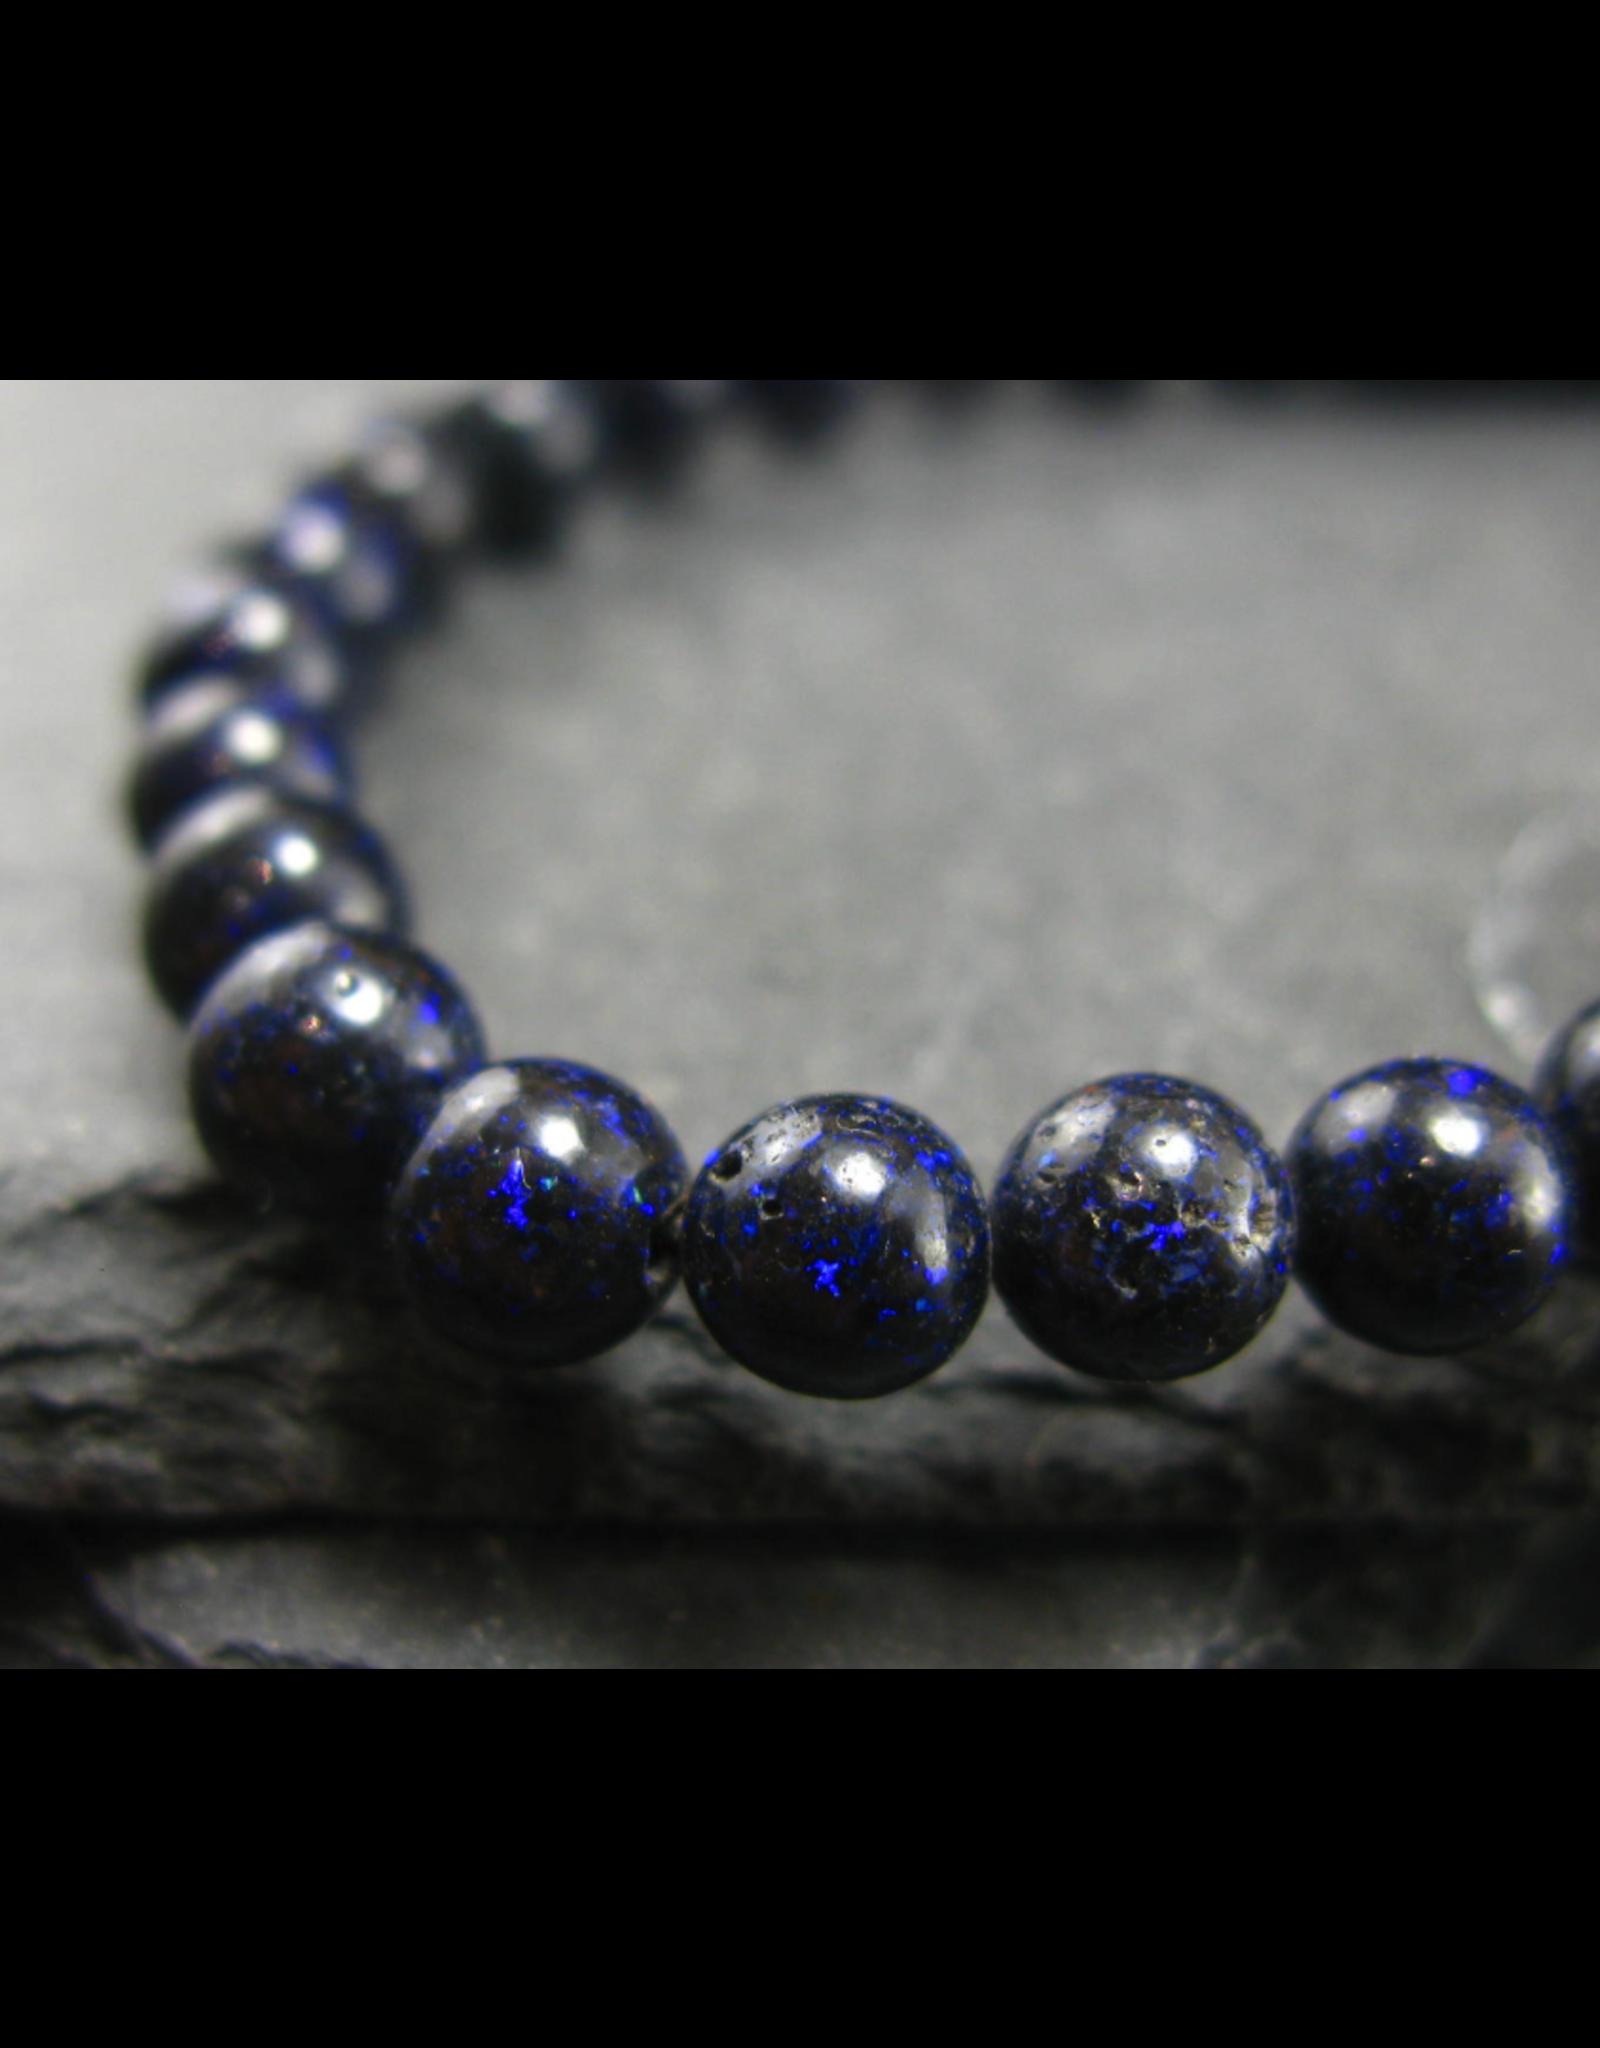 Black Opal Bracelet - 5mm